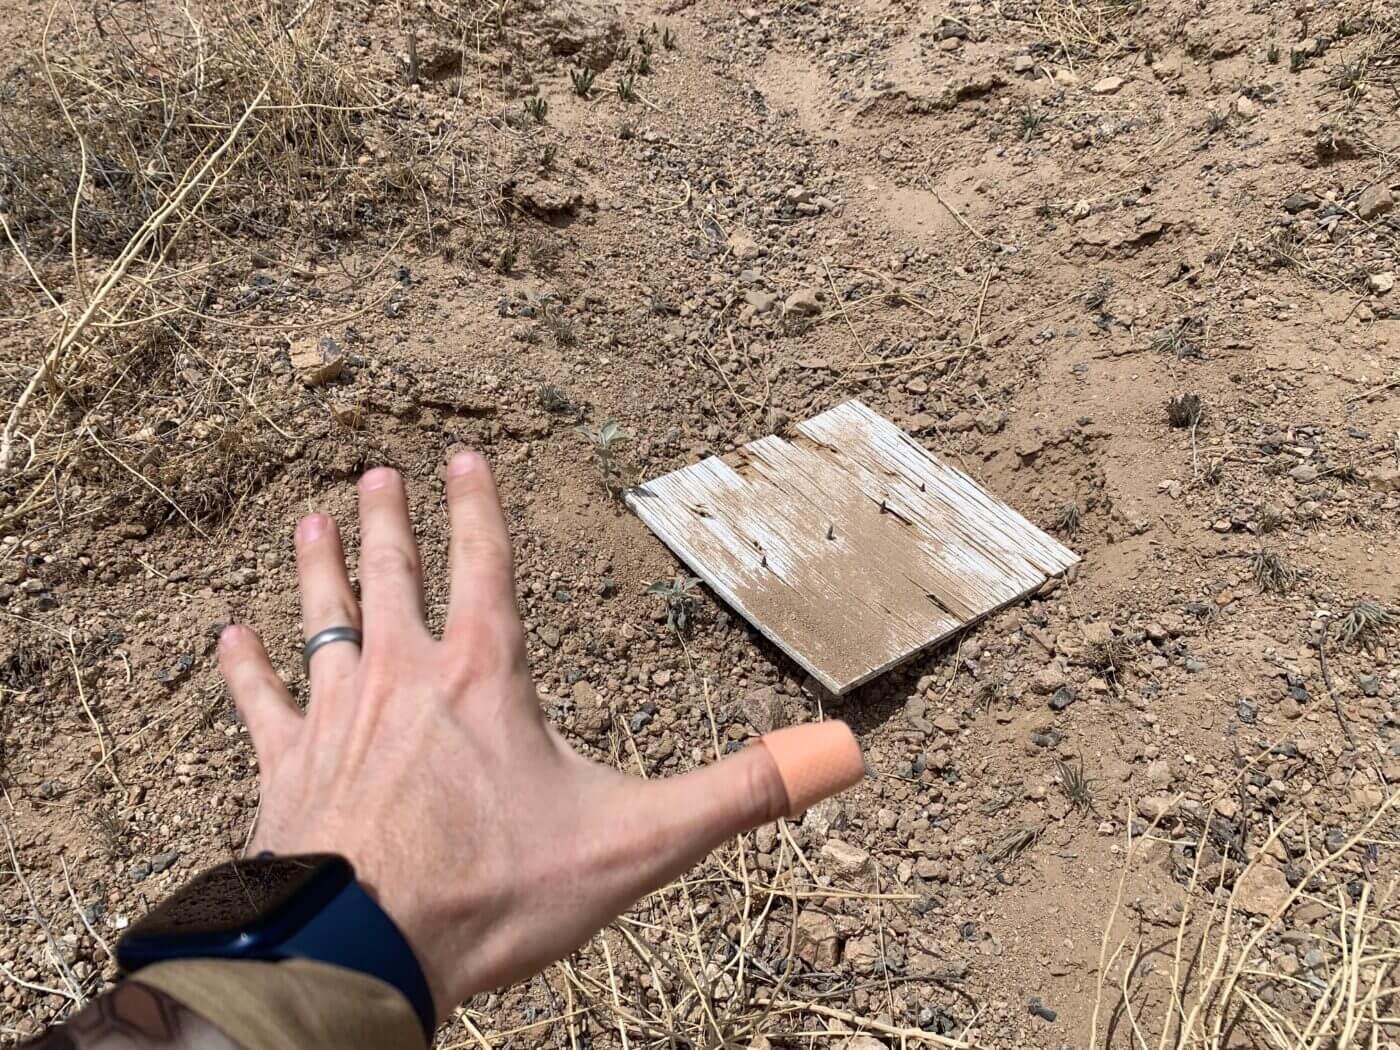 Improvised long range target